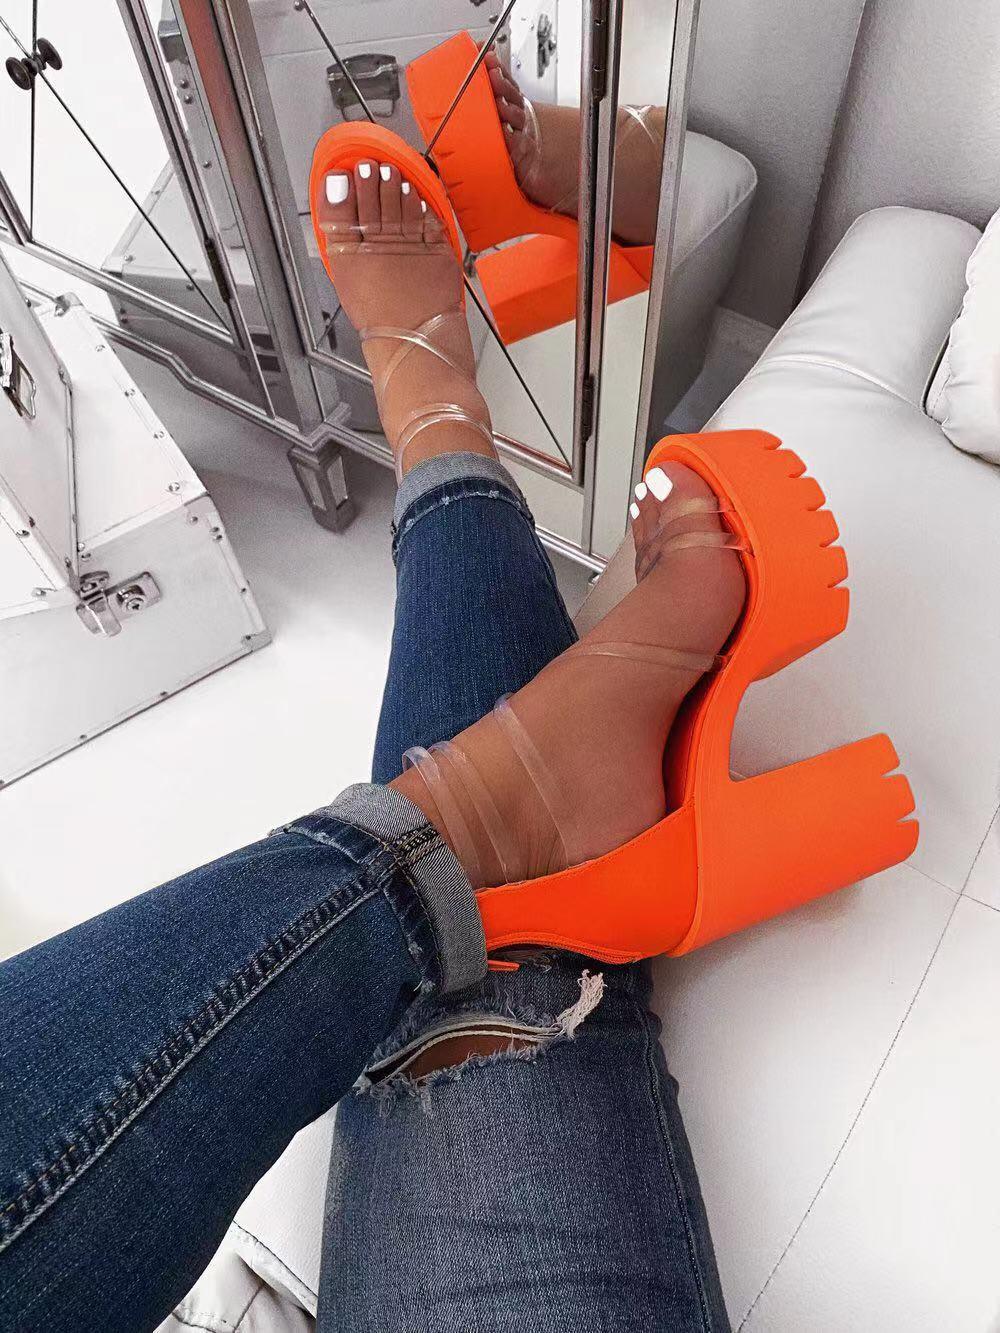 Sandalias de plataforma con suela gruesa de verano 2020, párr mujer de...